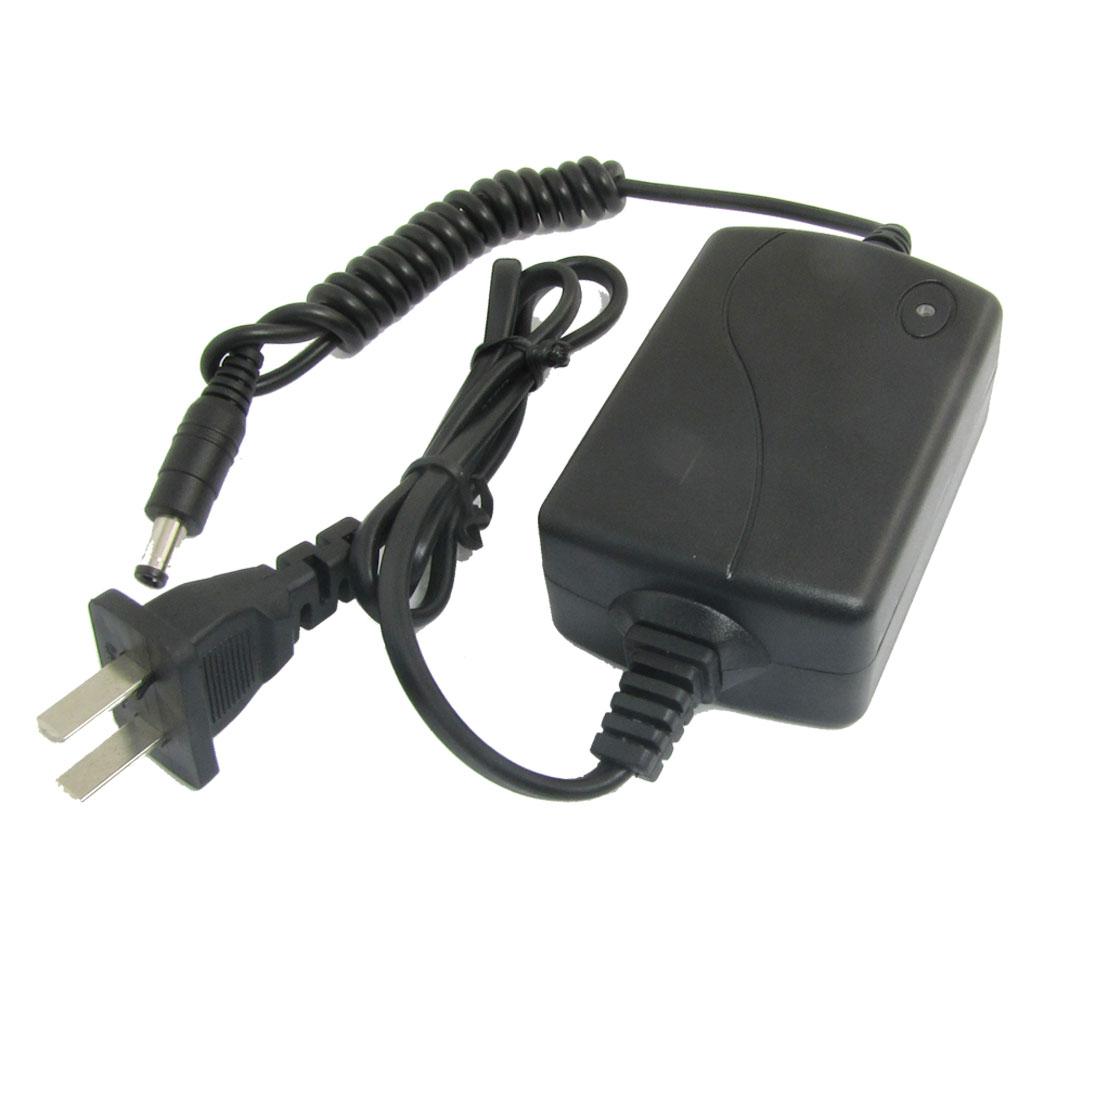 DC 12V 2A Monitoring CCTV Camera US Plug Power Supply Adapter